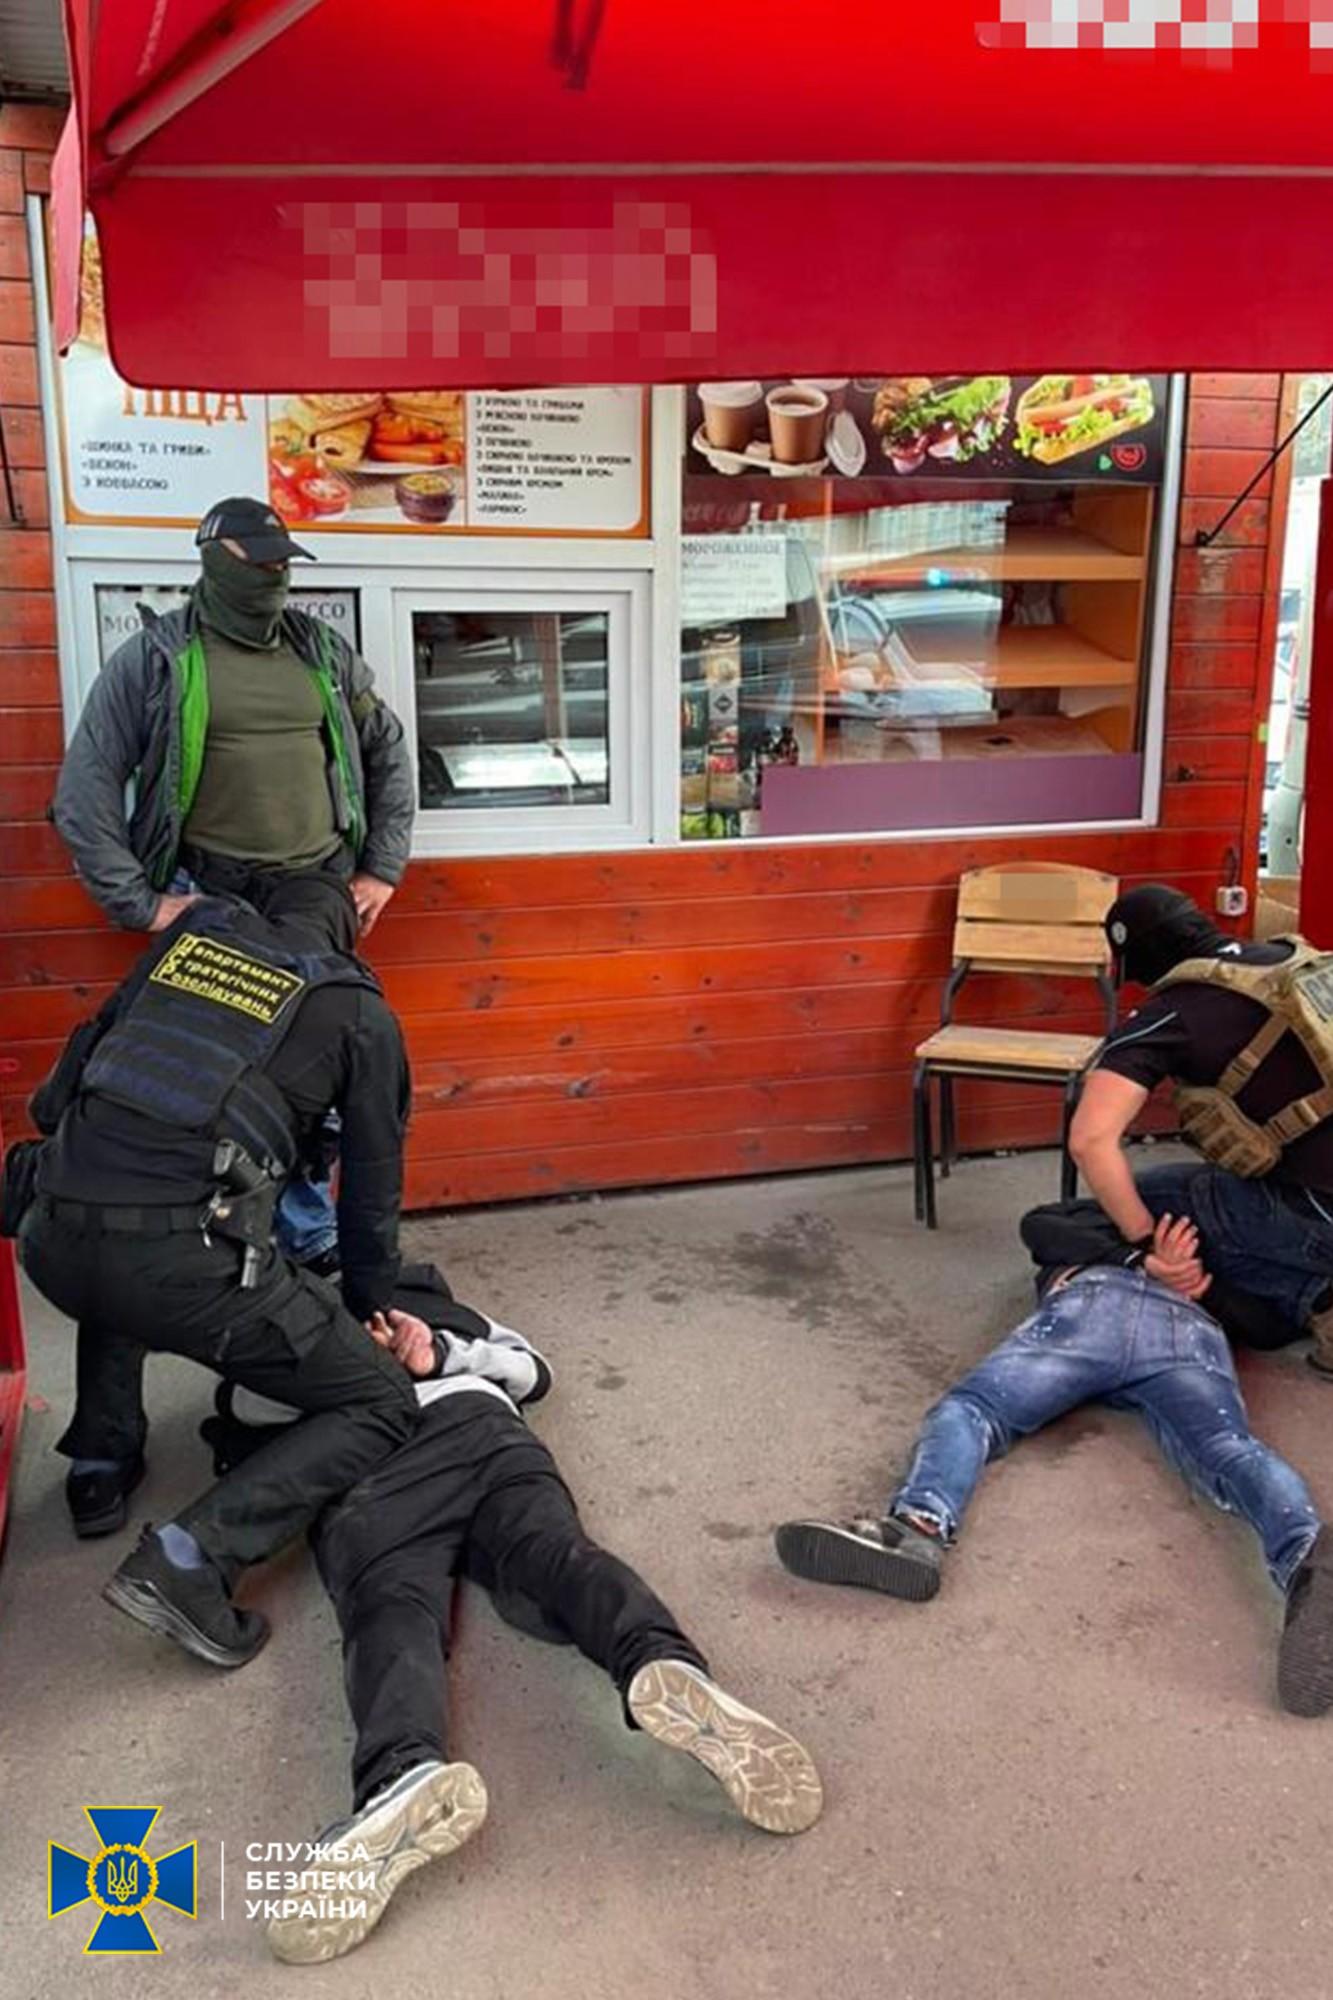 В Одессе задержали членов всемирной преступной организации «Ндрангета» - из Латинской Америки в Евросоюз переправляли кокаин через Украину